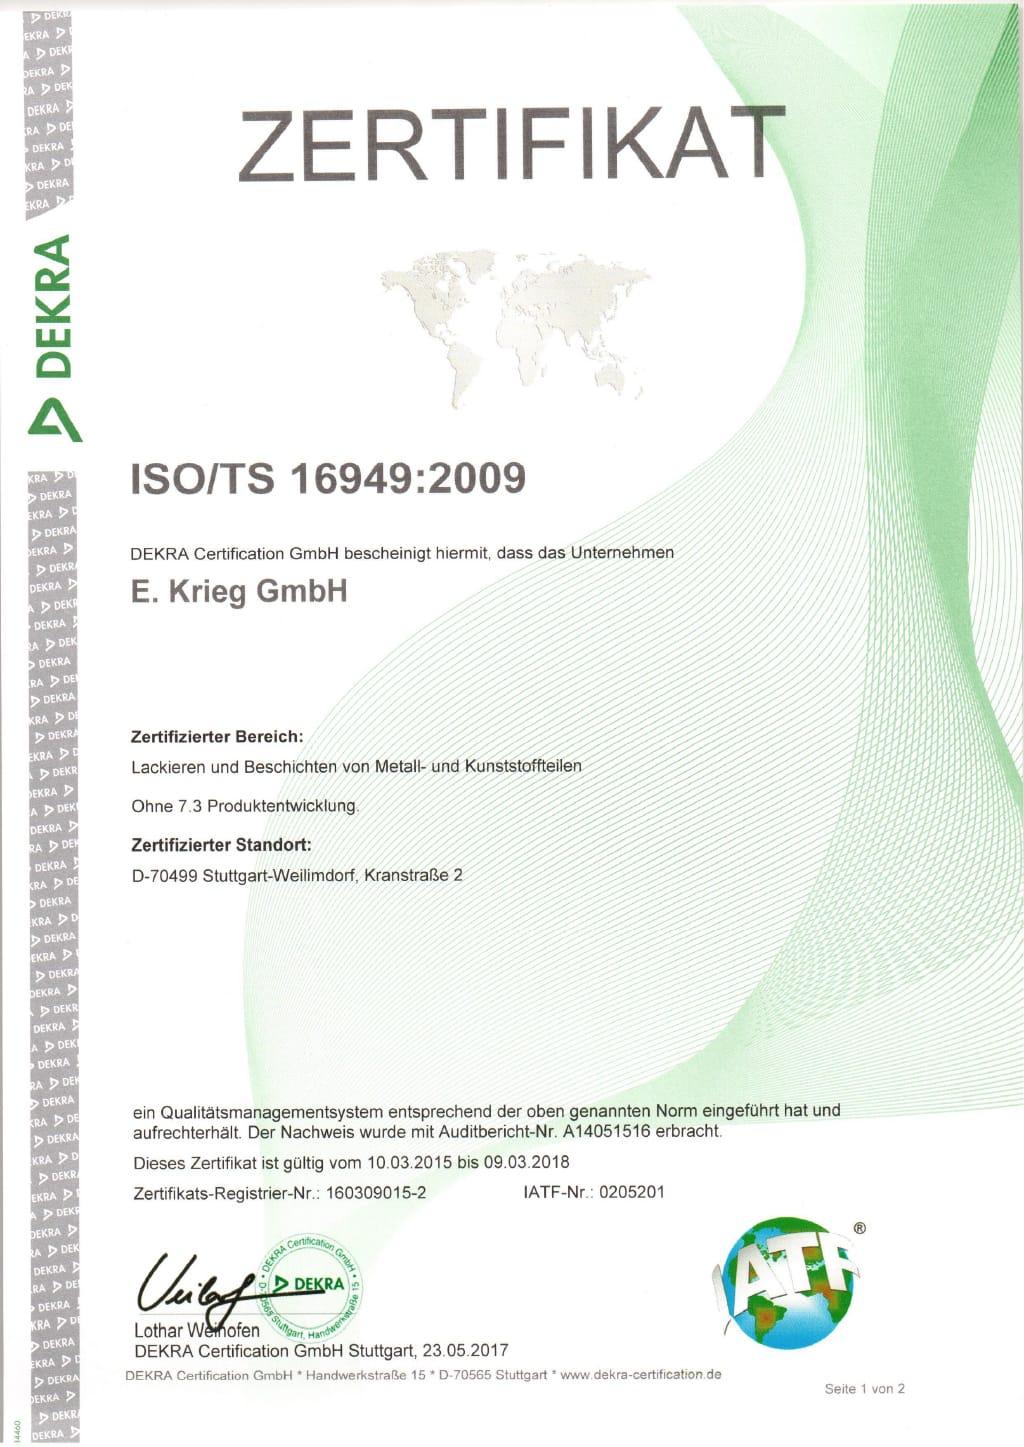 iso ts 16949 pdf español 2009